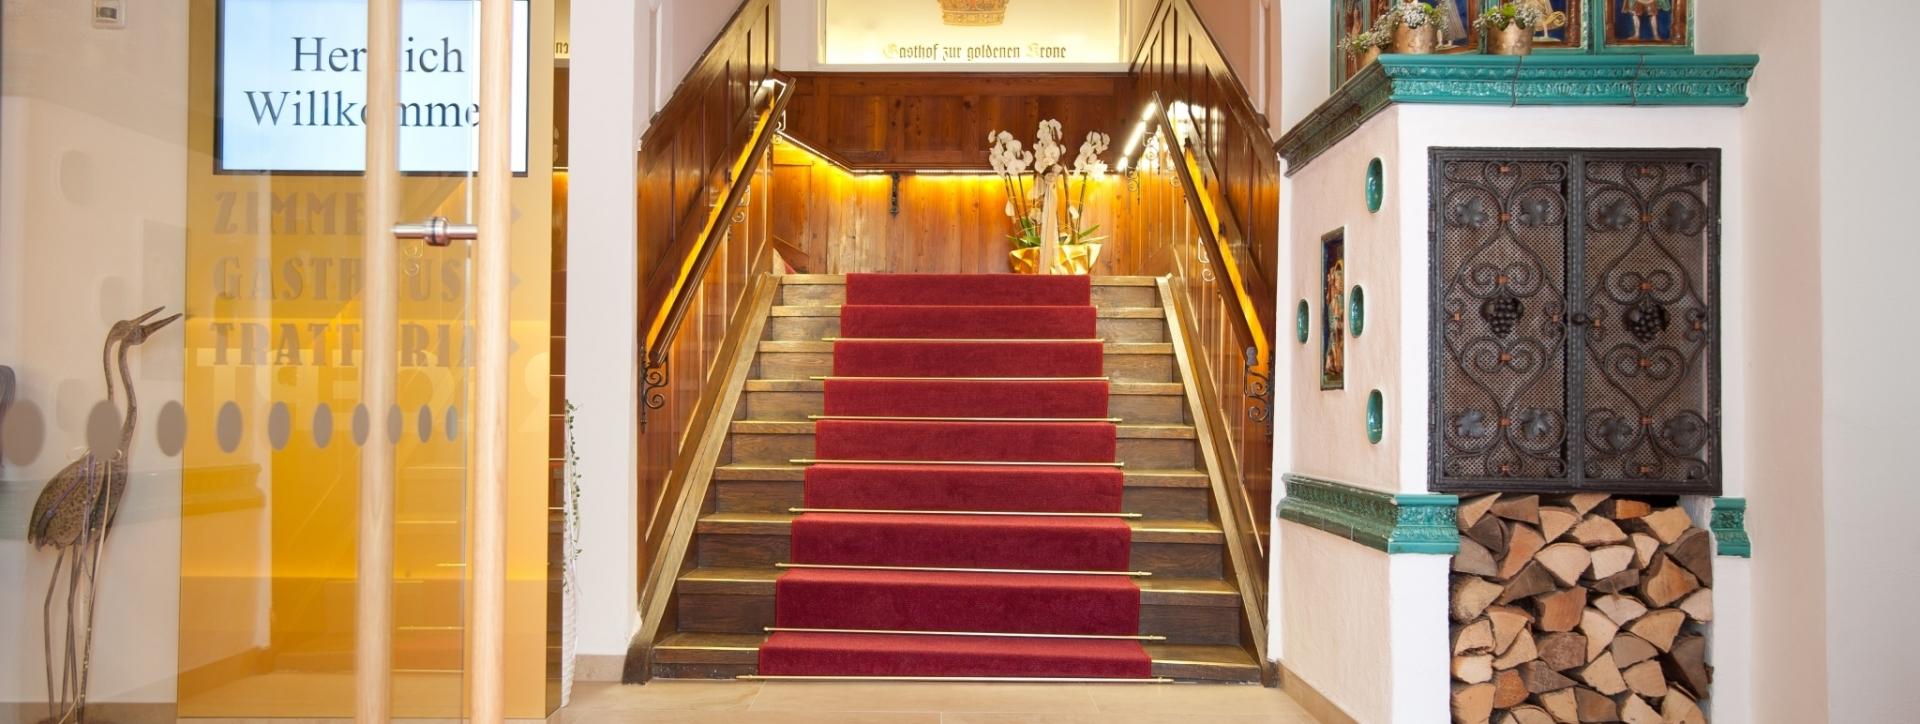 Stadthotel zur goldenen Krone Hotel